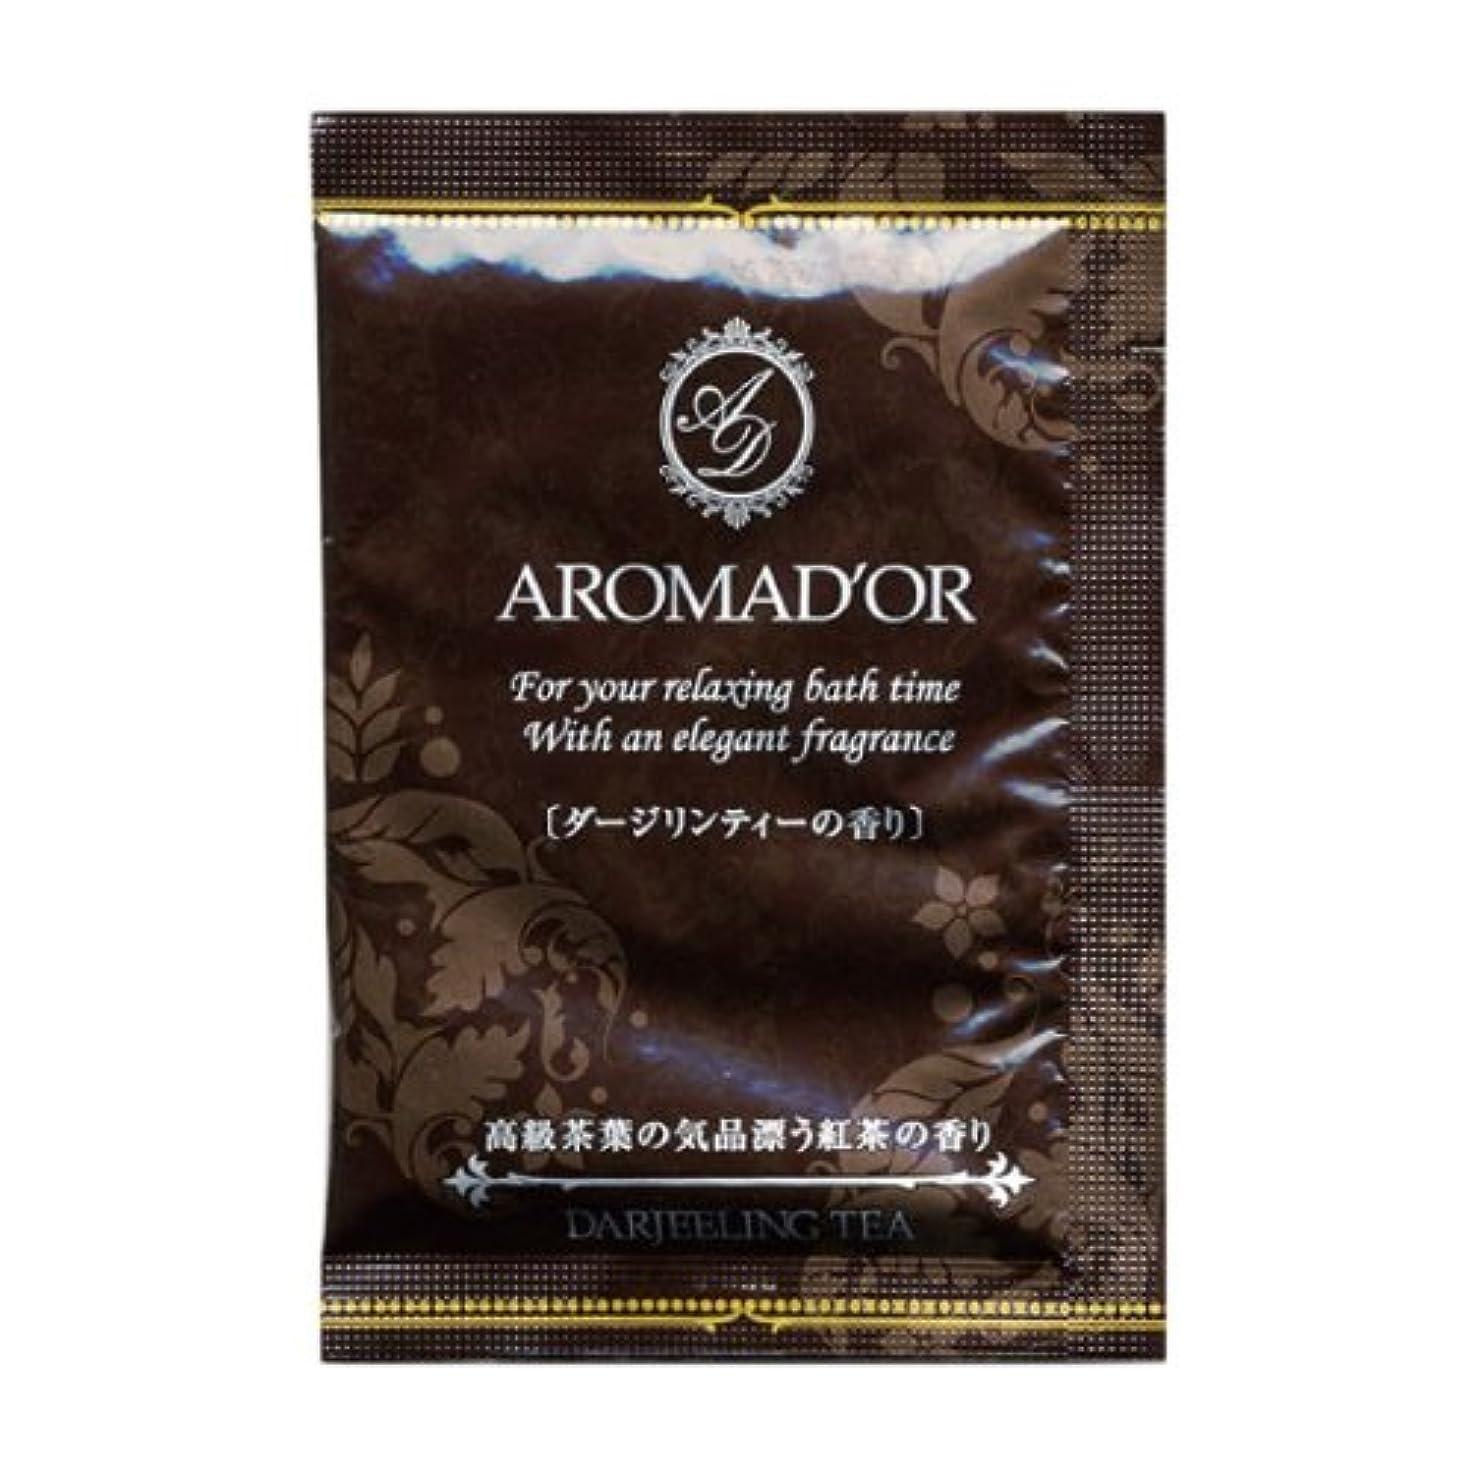 感謝している圧縮する成功するアロマドール入浴剤 ダージリンティーの香り 12包